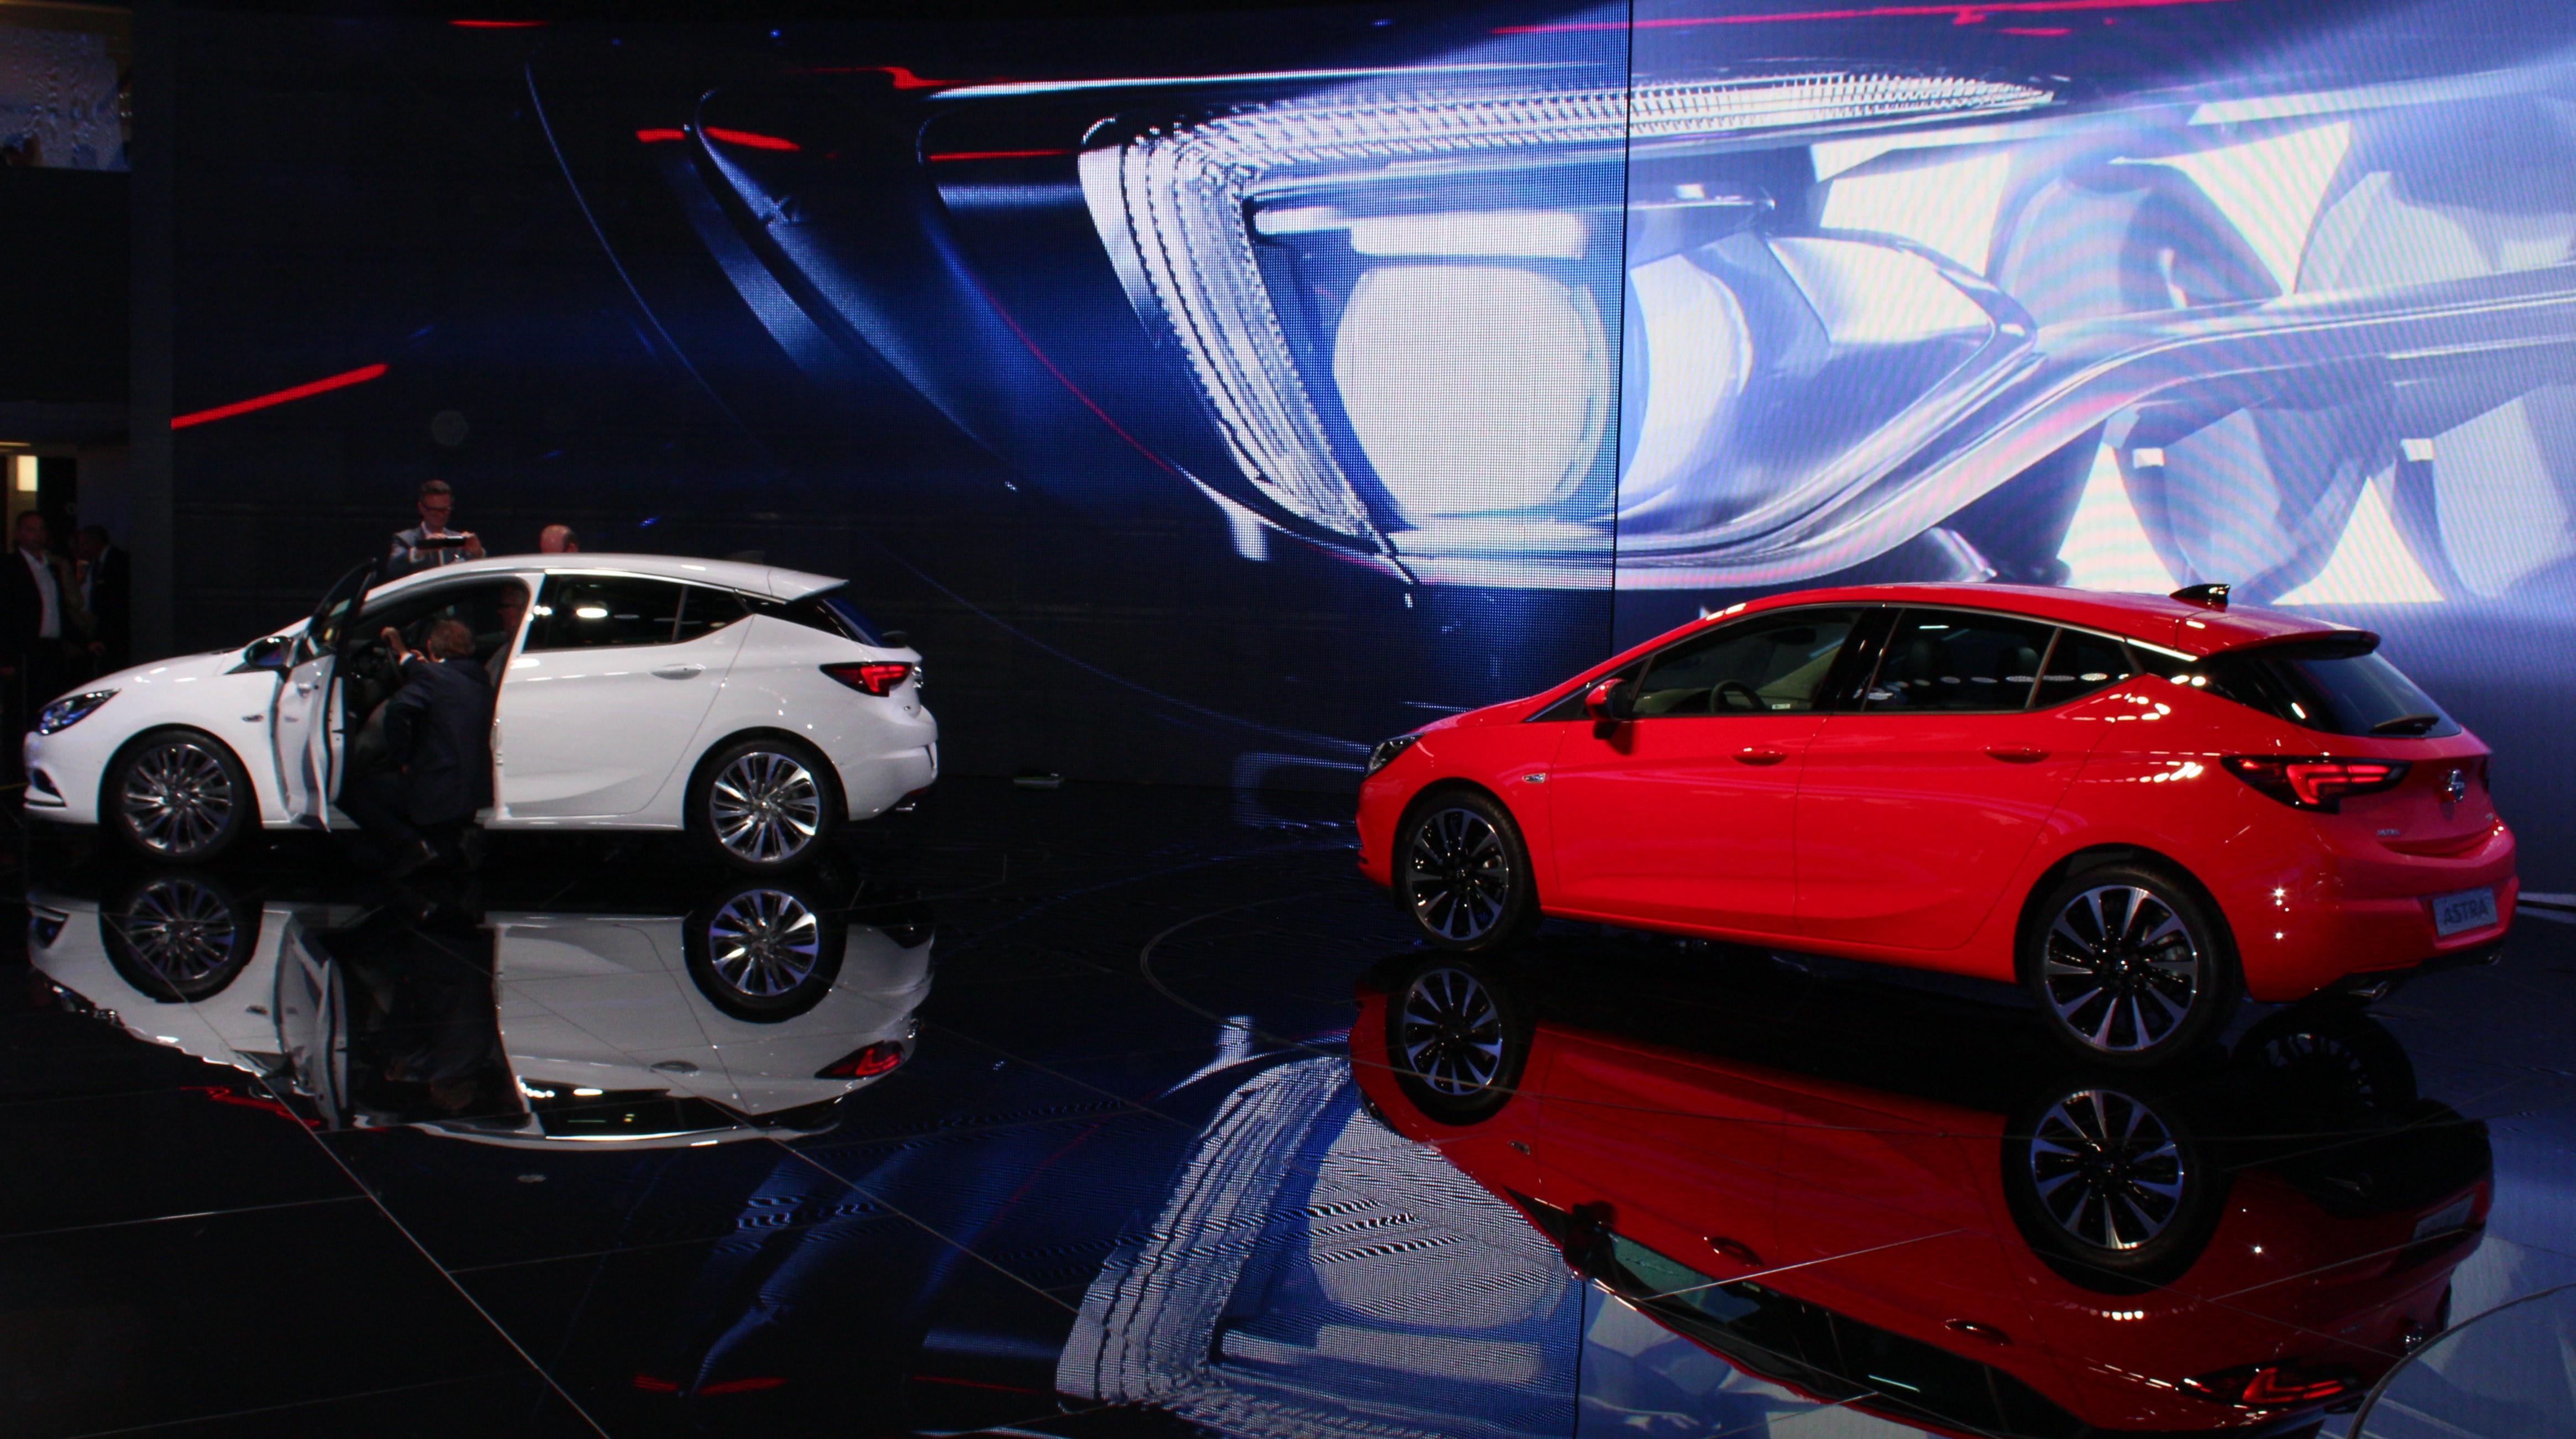 Nya Opel Astra kommer med stor sannolikhet att bli en stark kandidat i det gyttriga Golf-segmentet.